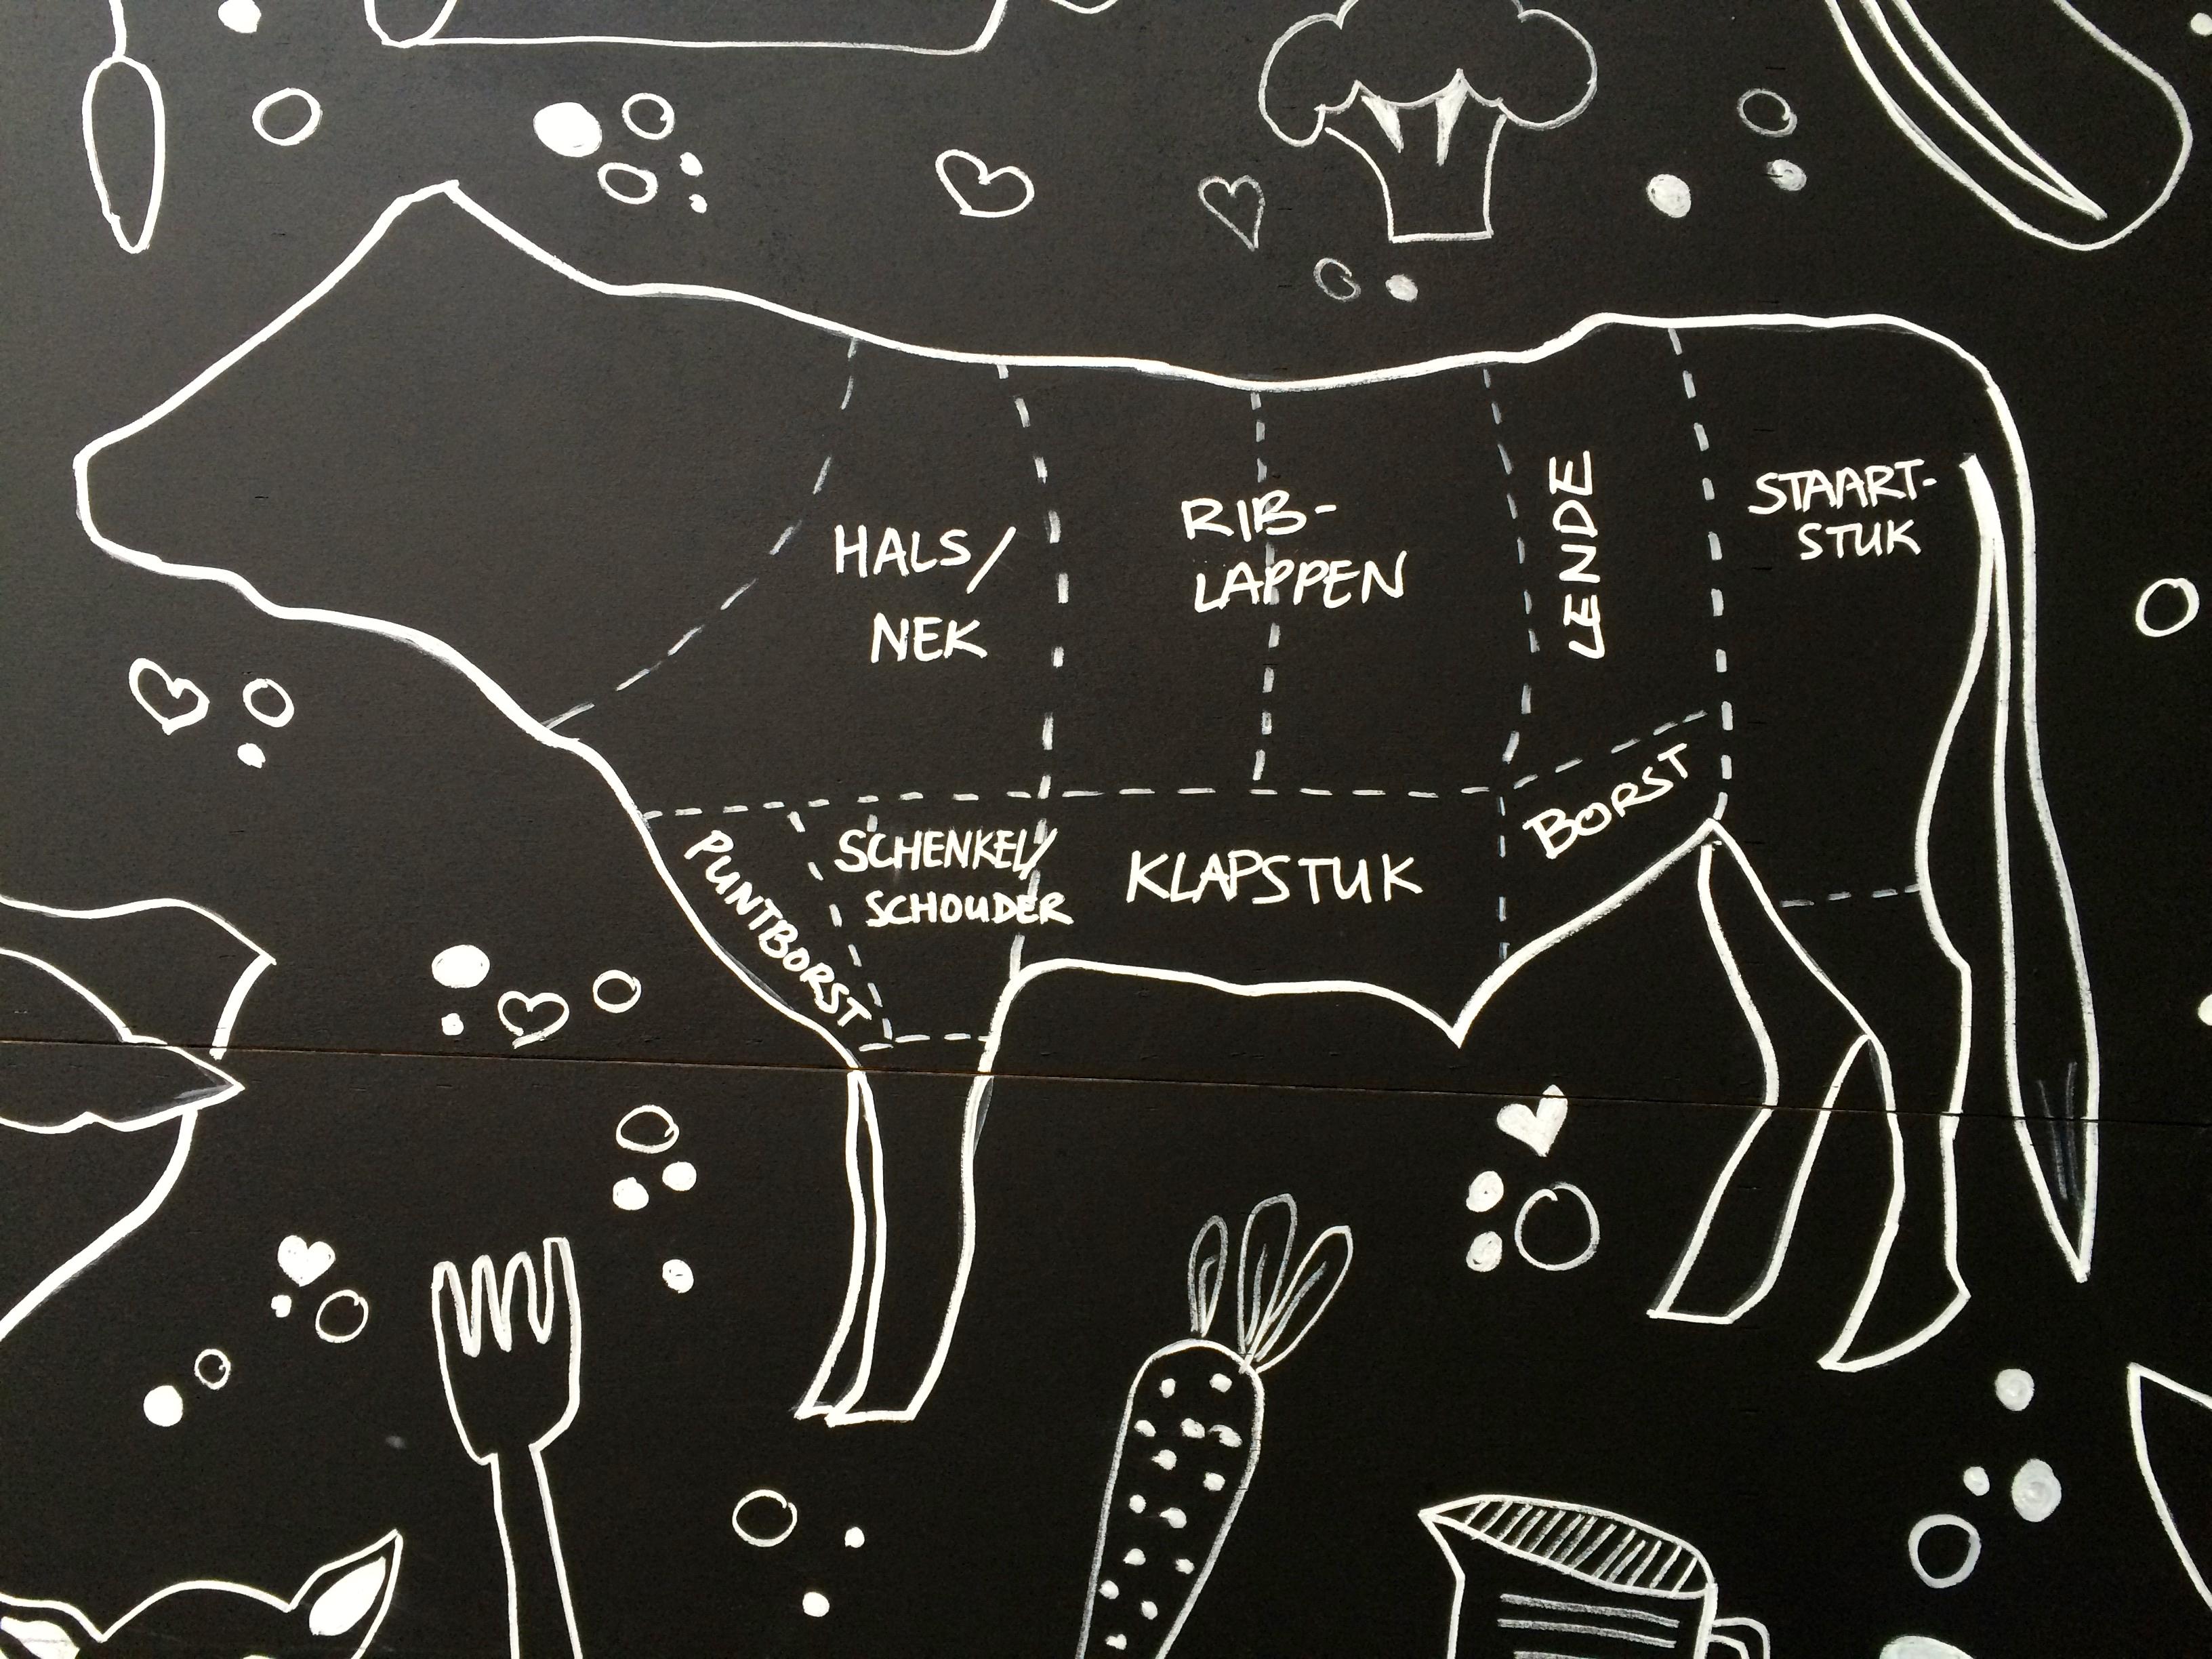 Het vlees van de koe wat zit waar hellofresh blog - Hoe een stuk scheiden ...